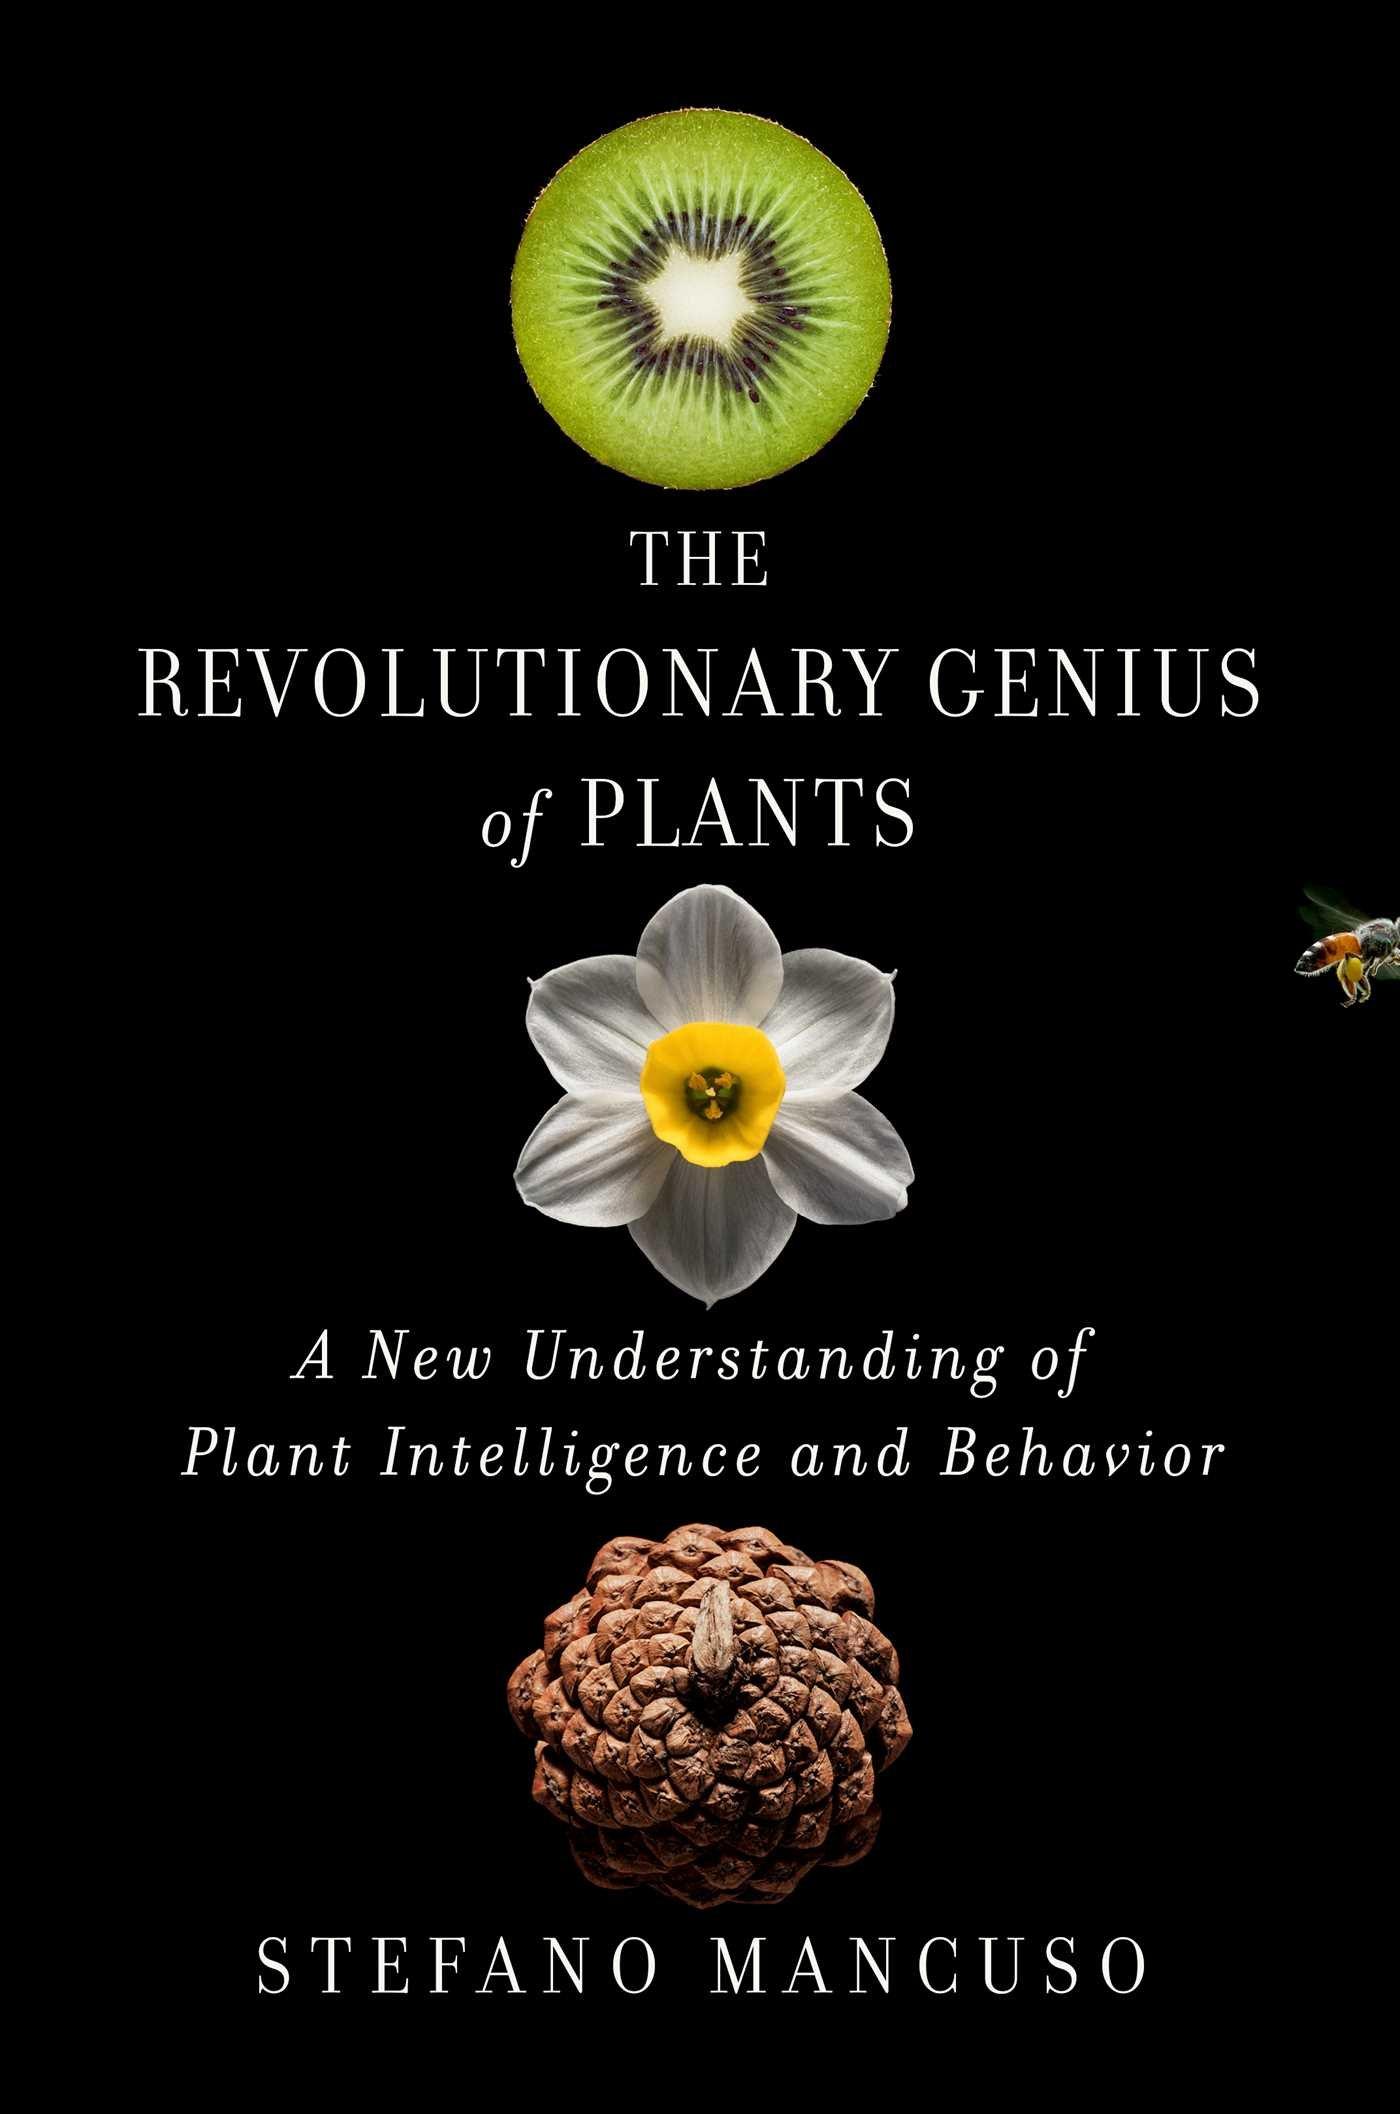 نتيجة بحث الصور عن the revolutionary genius of plants: a new understanding of plant intelligence and behavior